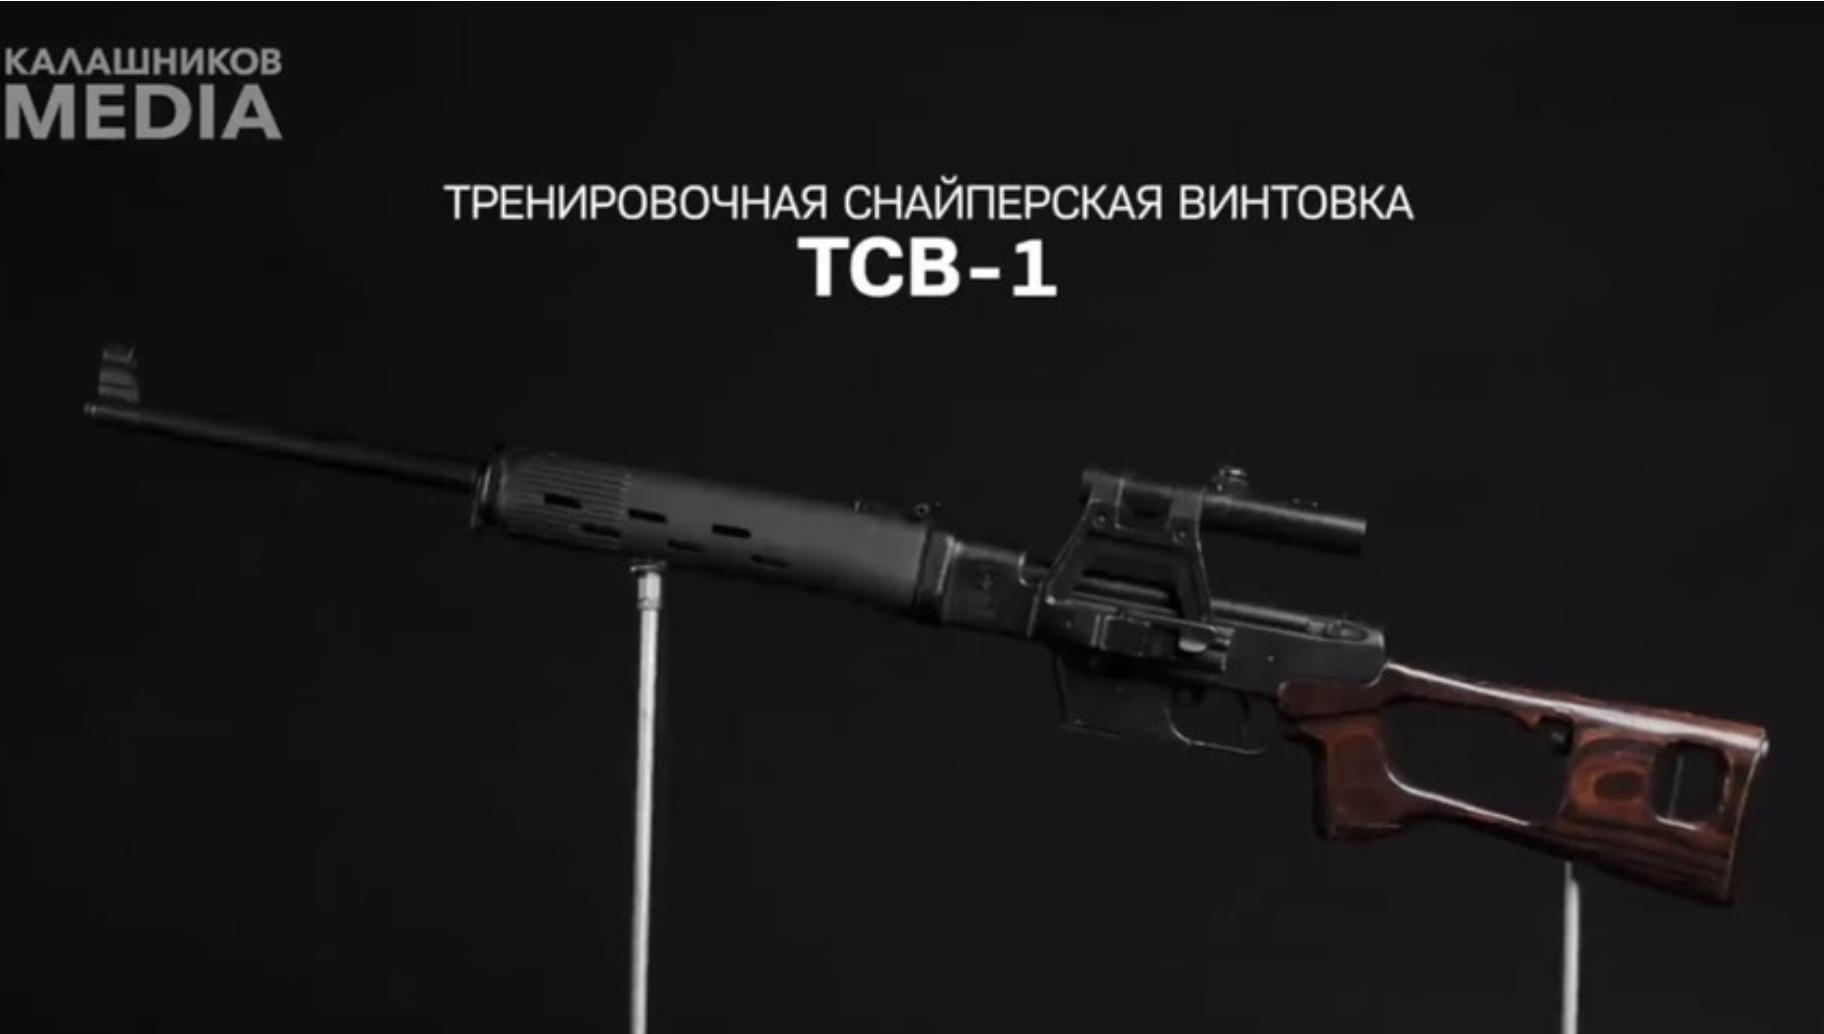 Ретко видената снајперска пушка ТСВ-1 (ВИДЕО)